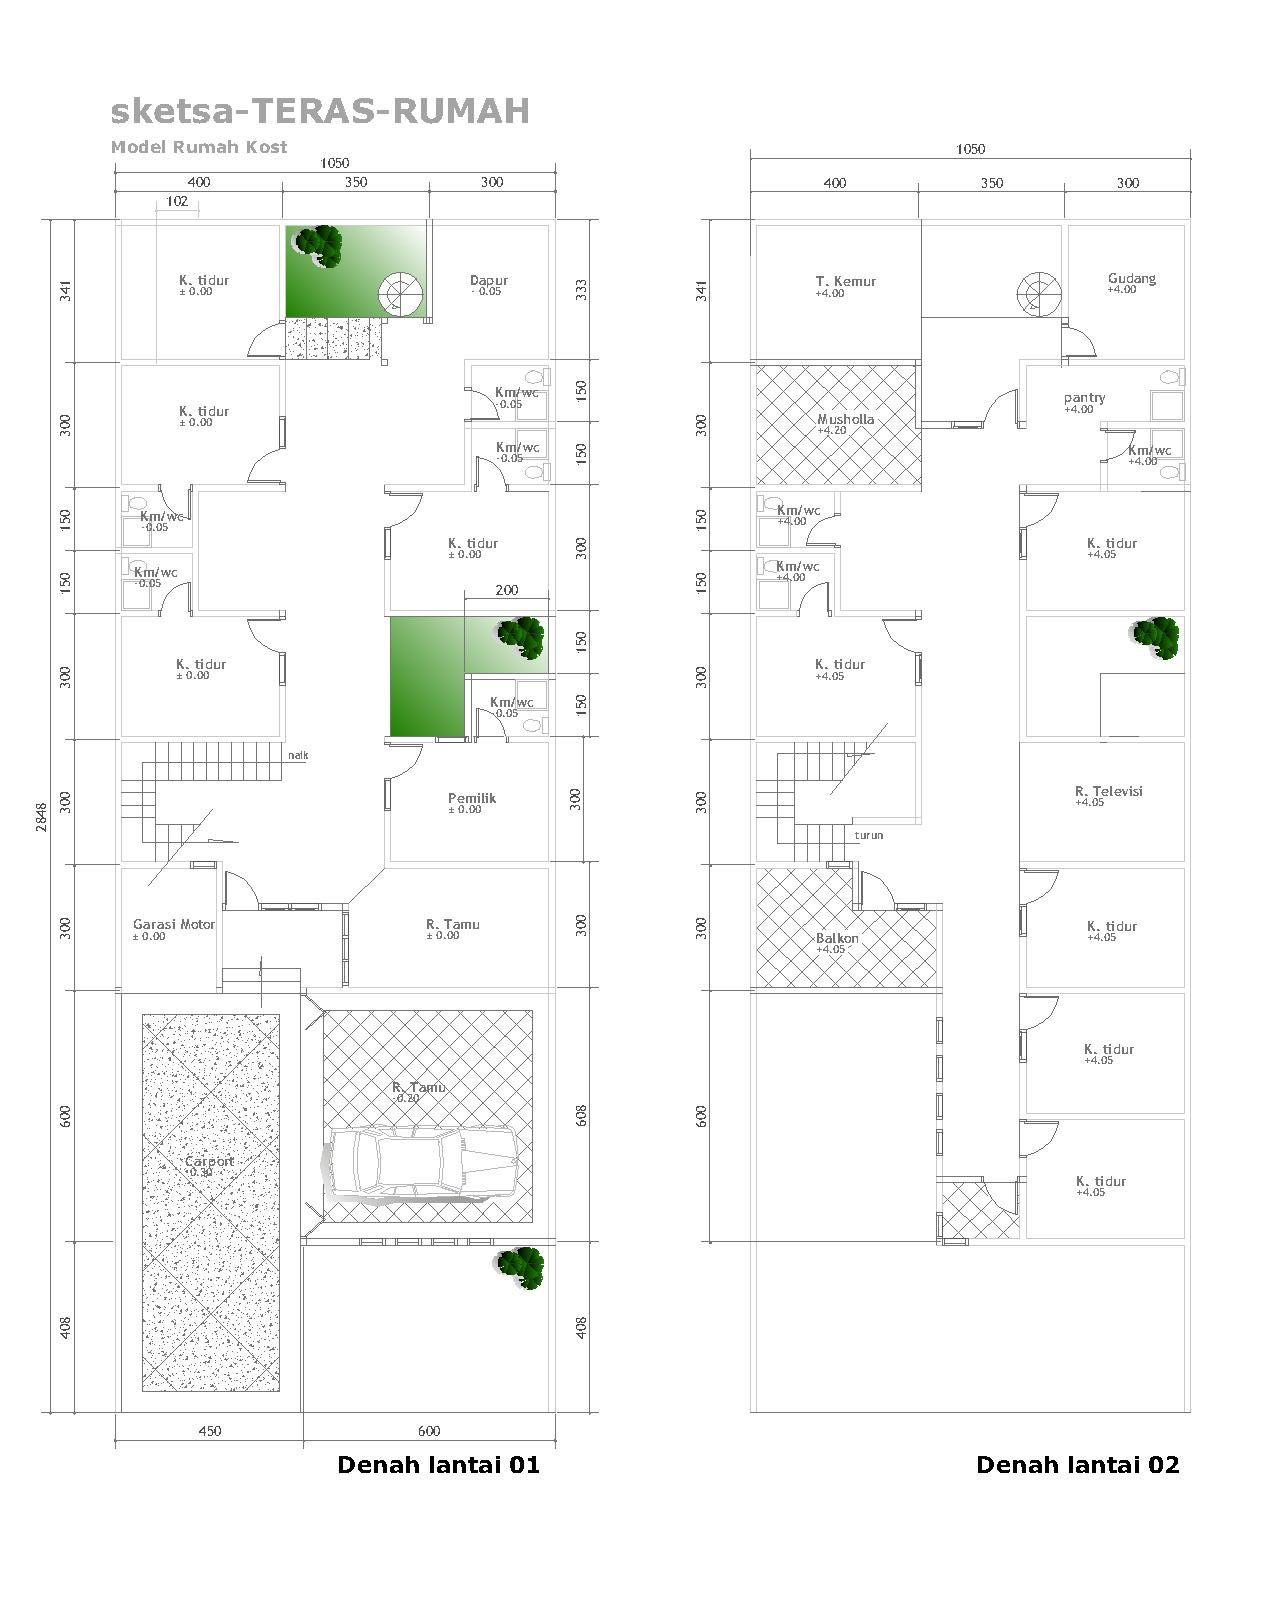 Desain Rumah Memanjang : desain, rumah, memanjang, Informasi, Desain, Rumah, Kecil, Memanjang, Prosforjdacom, Rumah,, Desain,